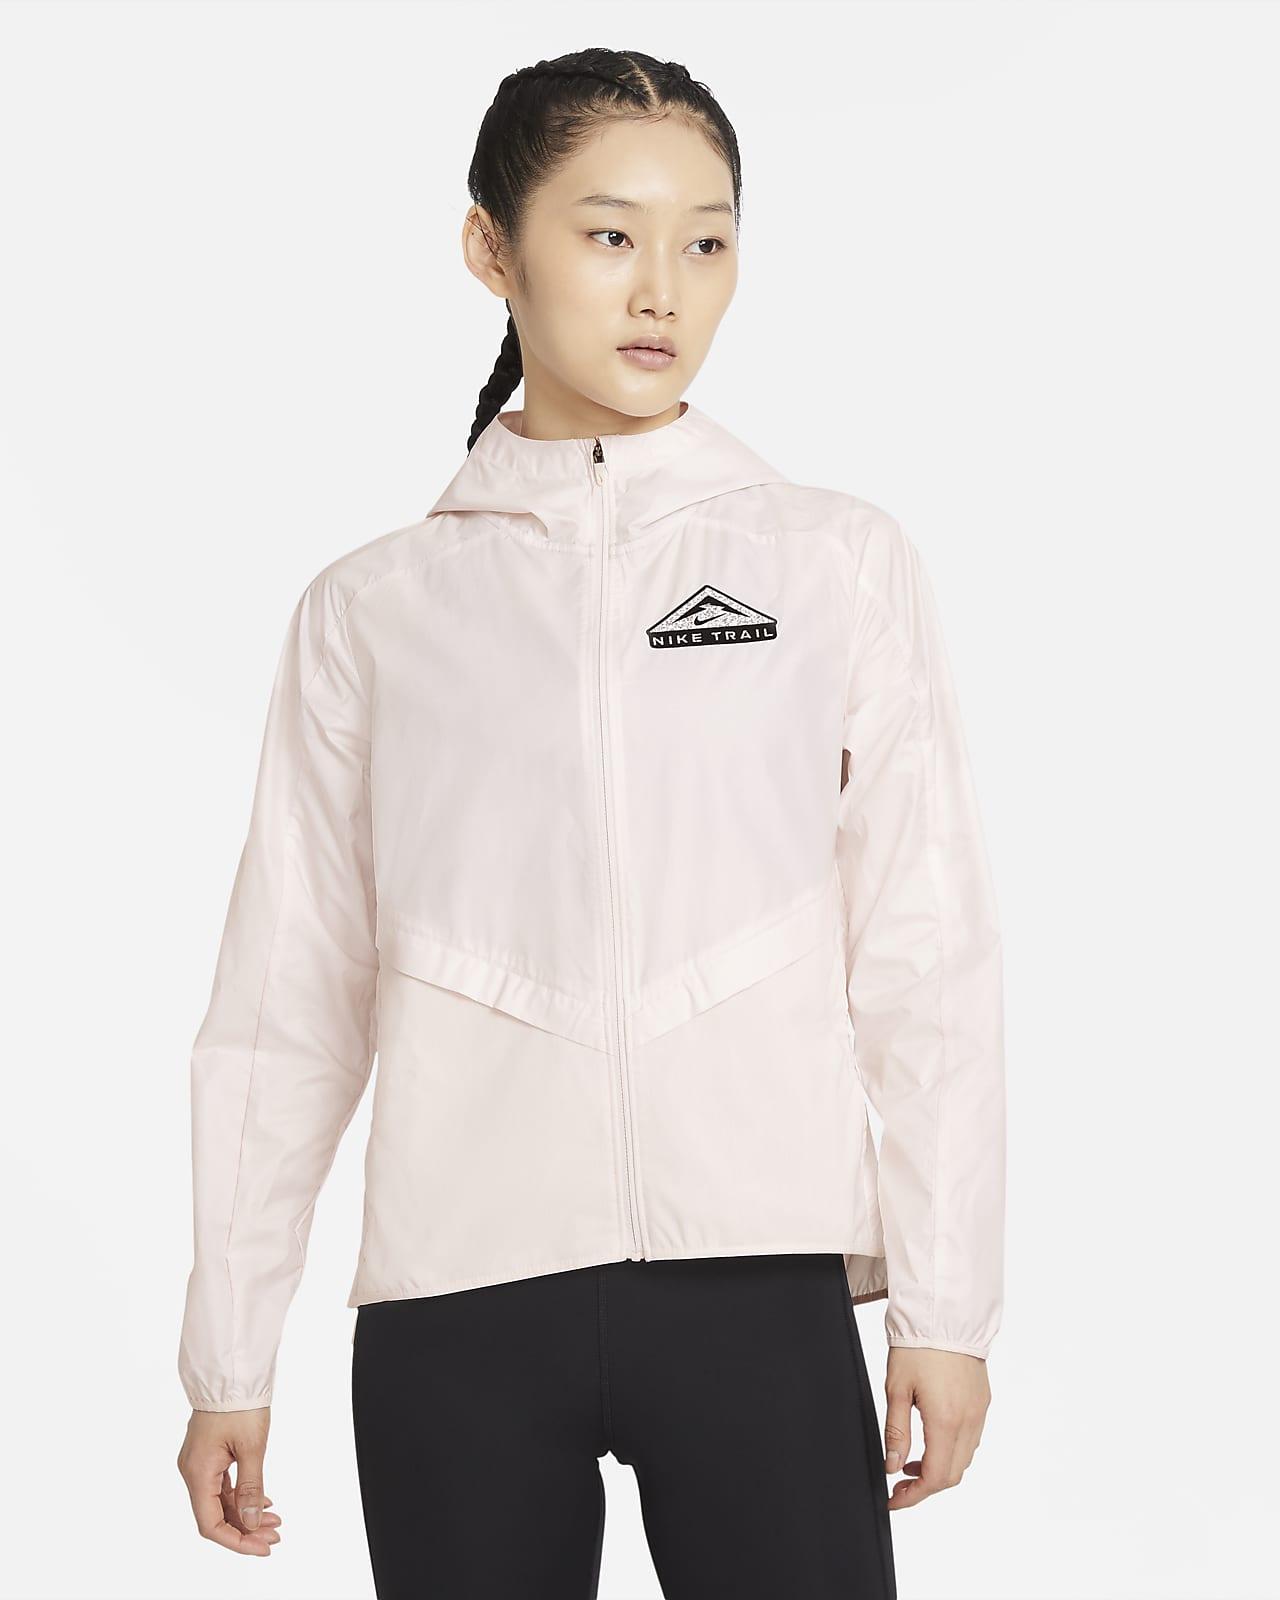 เสื้อแจ็คเก็ตวิ่งเทรลผู้หญิง Nike Shield